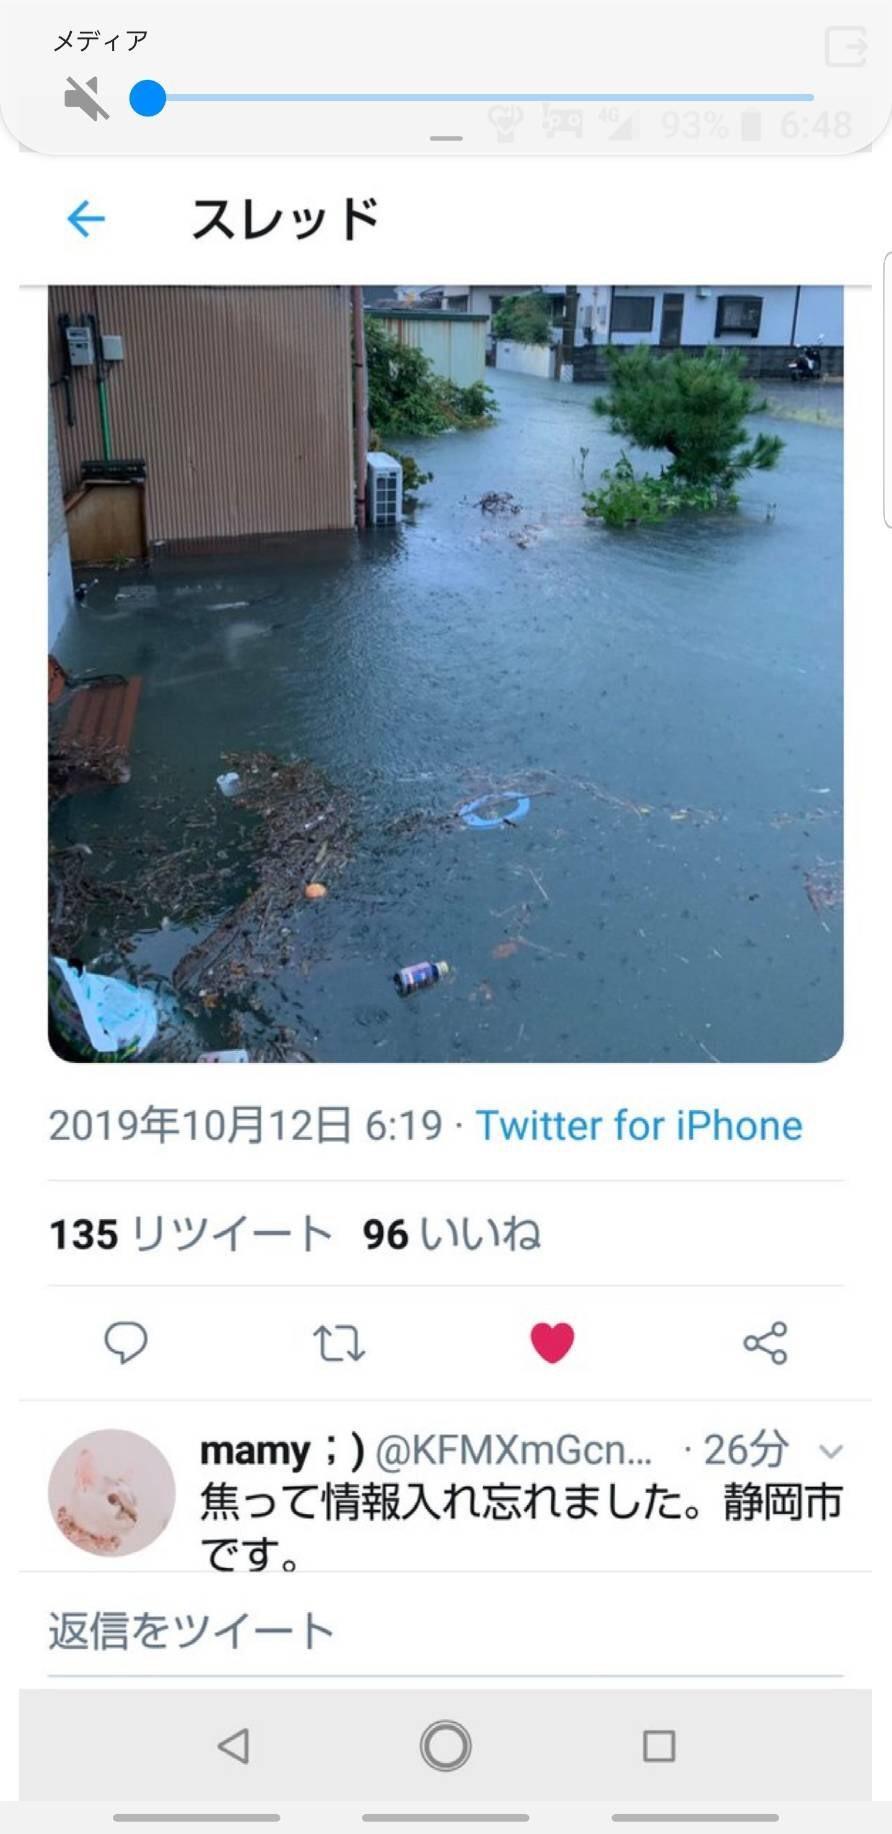 静岡市の被害